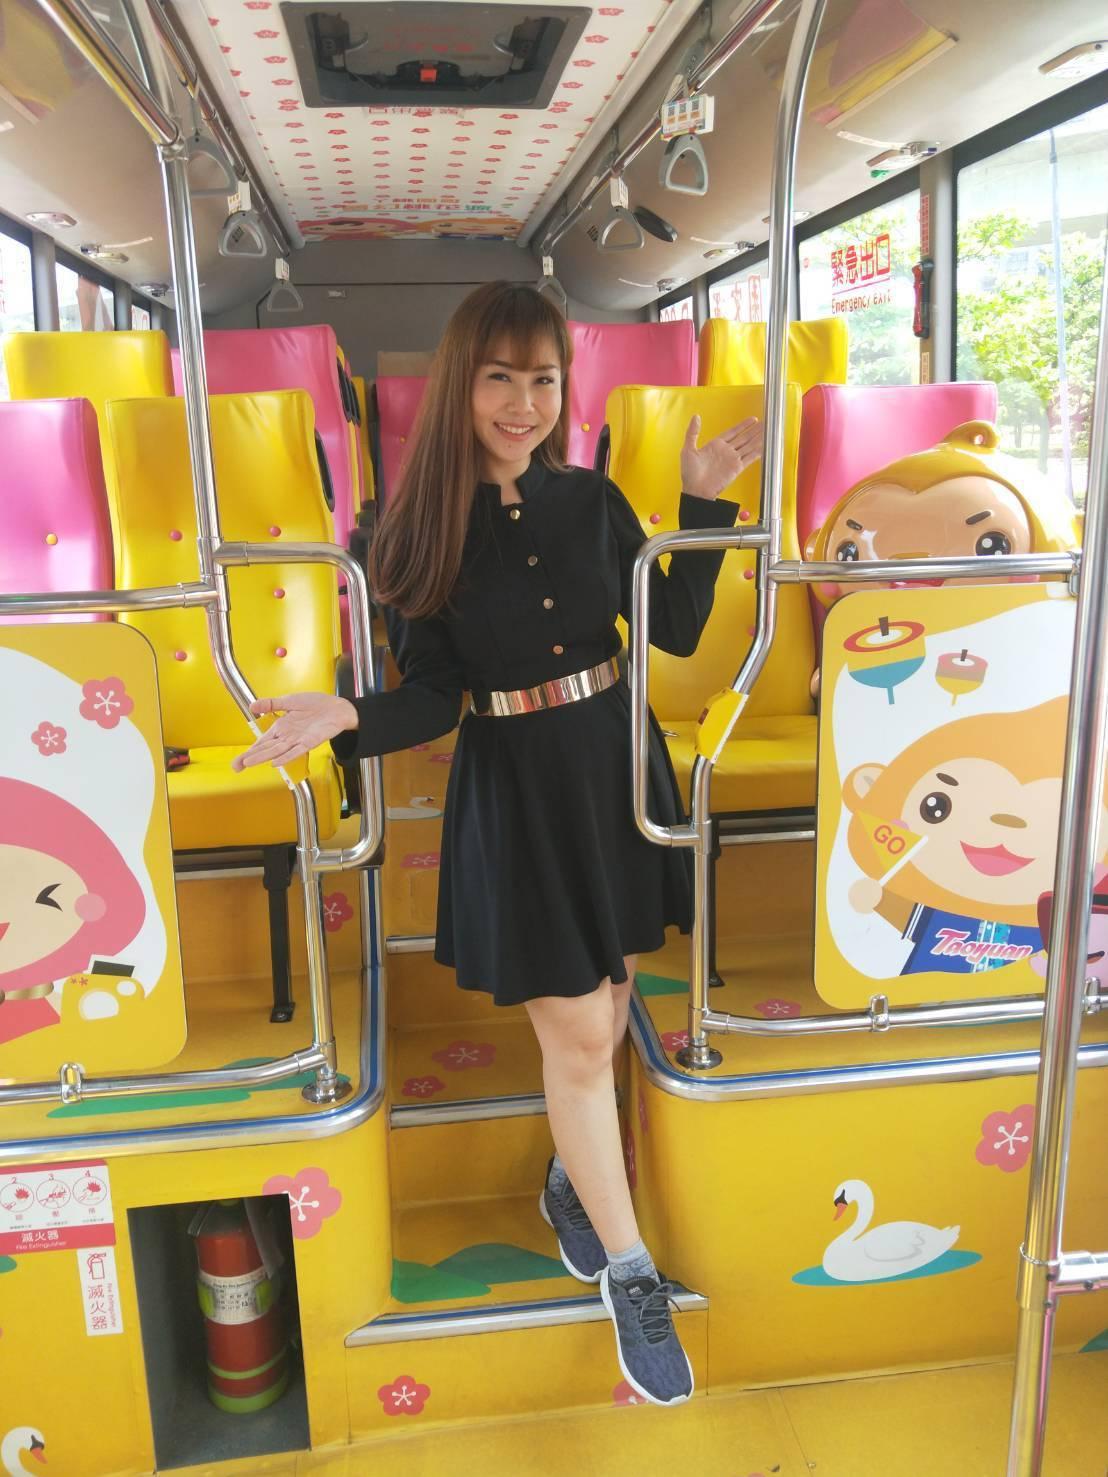 泰國網紅Pavielin讚賞台灣好行客運車色彩和造型。圖/桃園市觀旅局提供